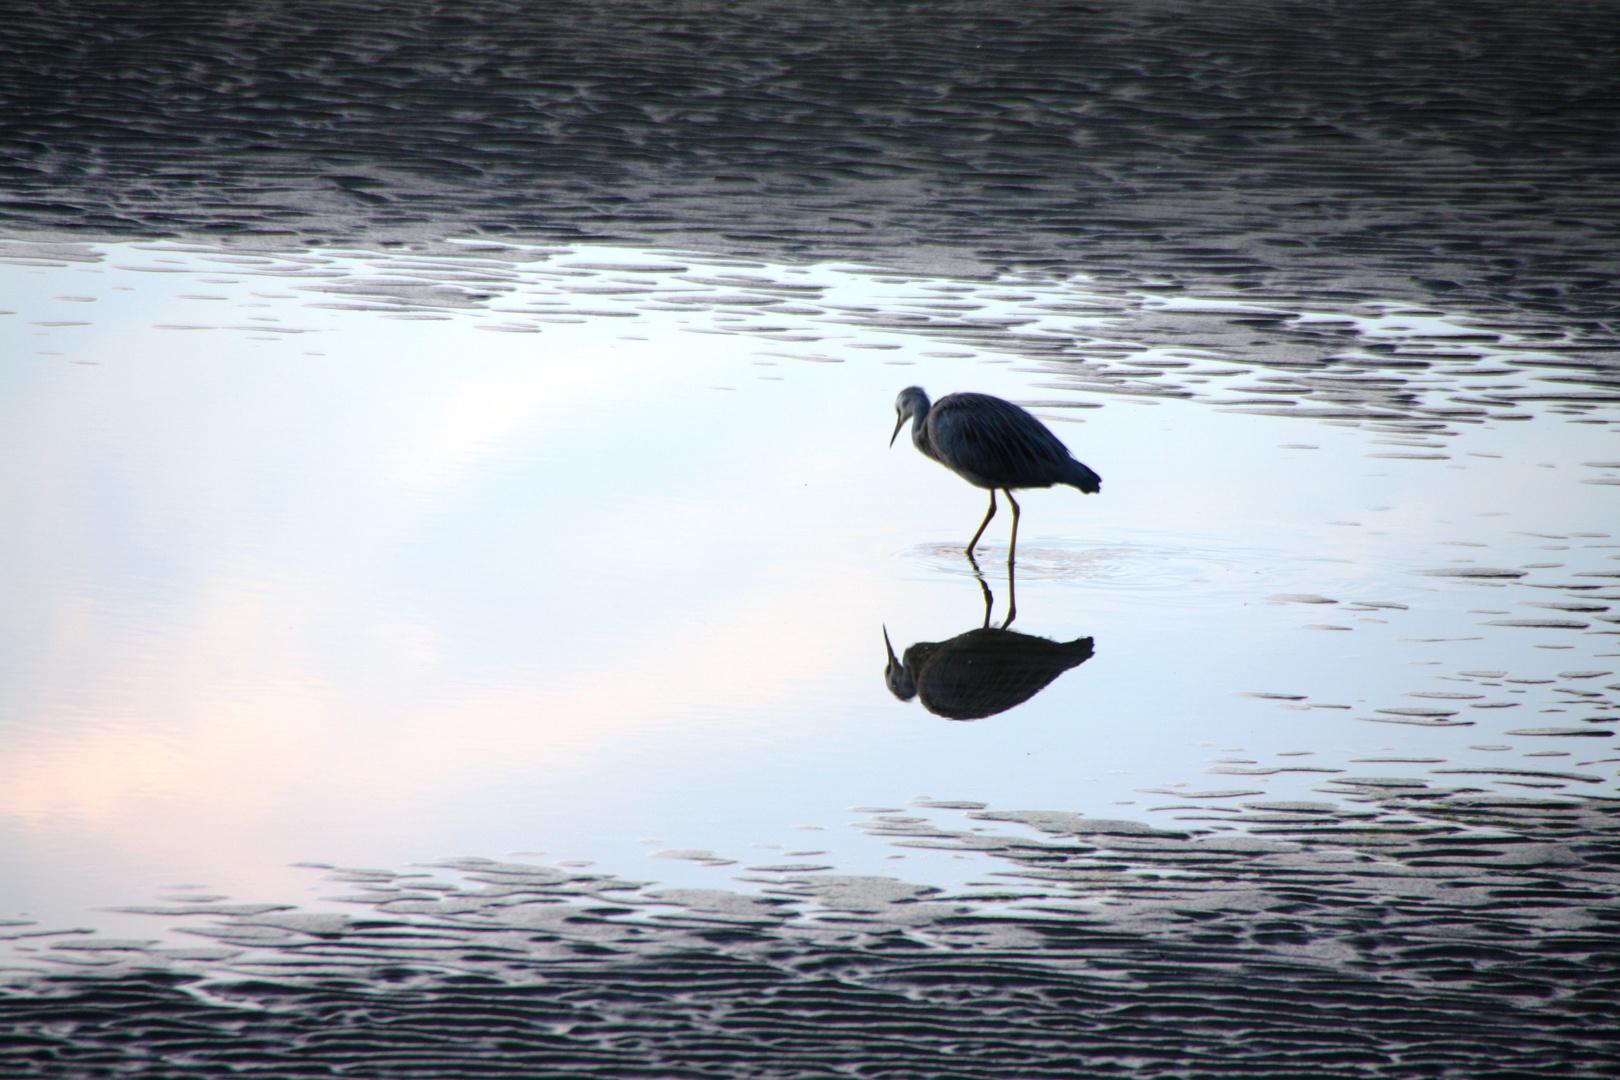 Vogel sieht sich selbst